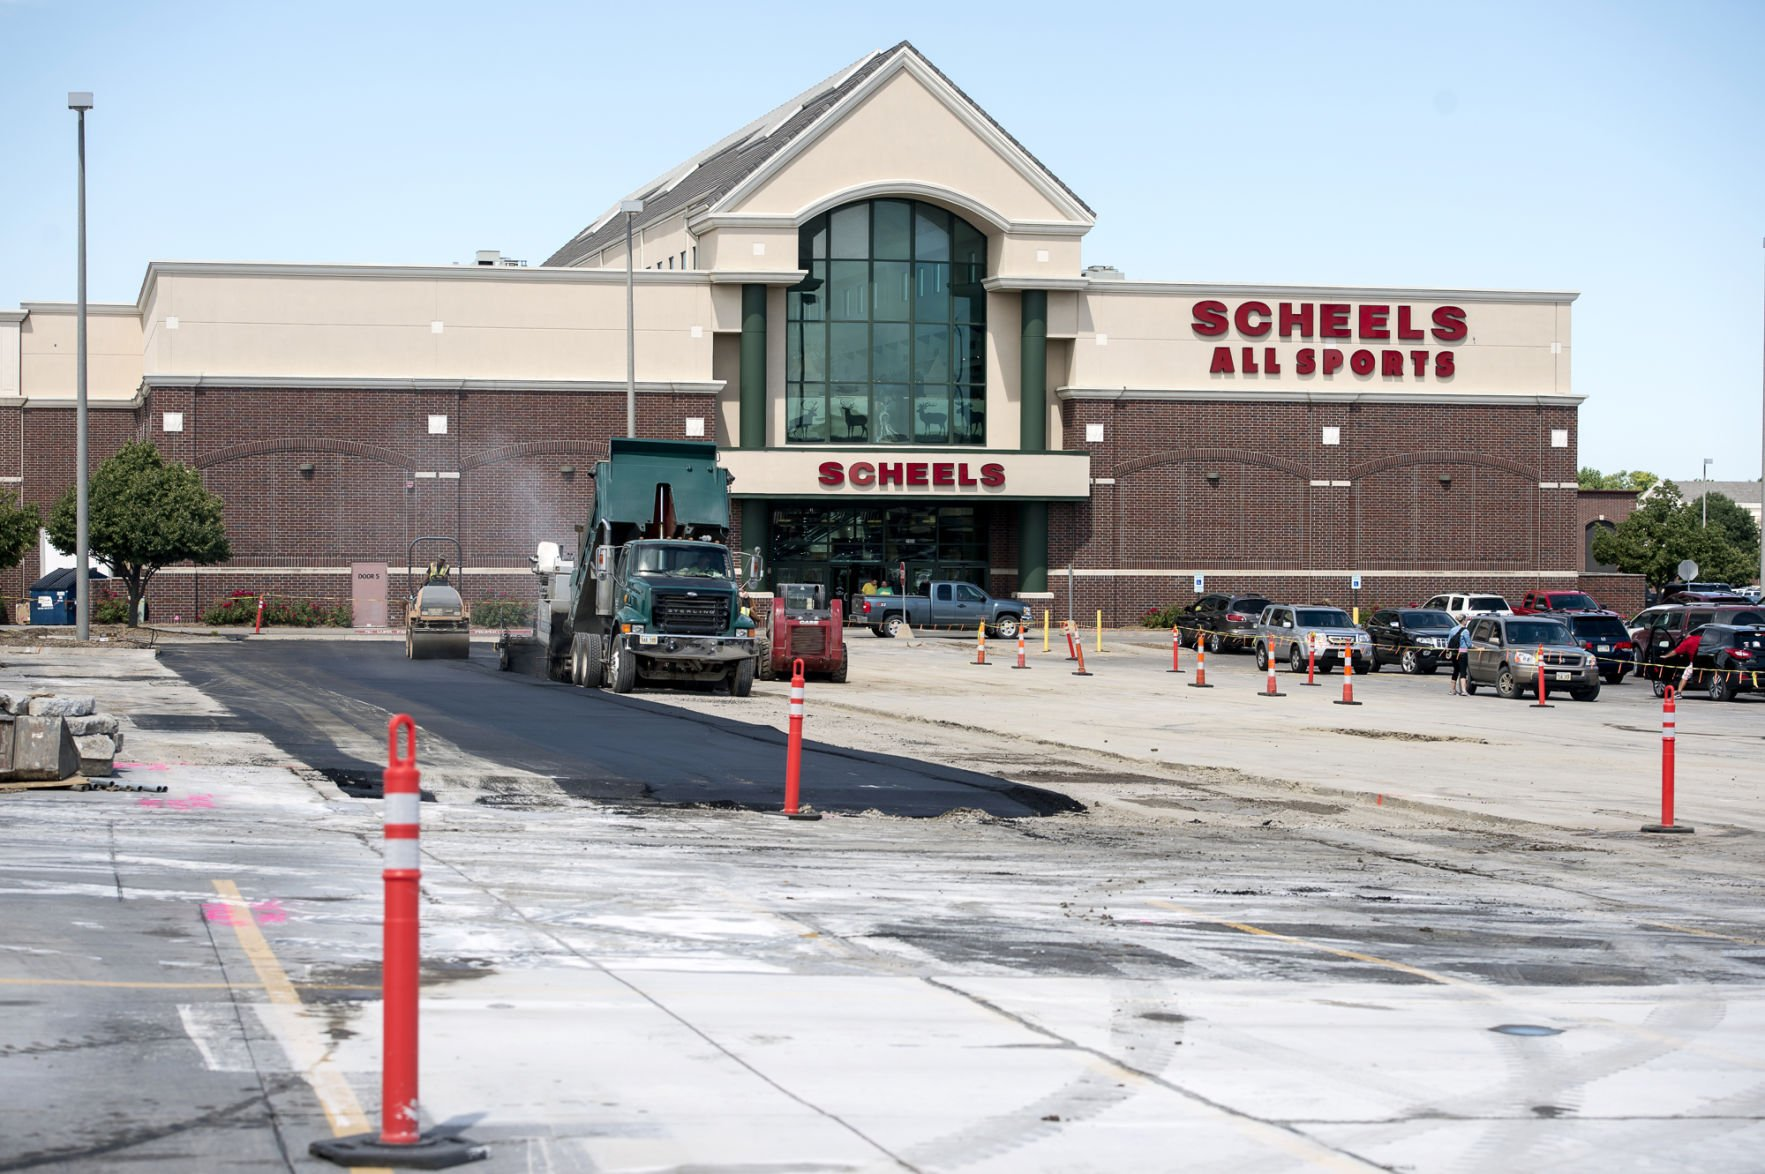 graphic regarding Scheels Coupons Printable identified as Scheels coupon code 2018 / Peter alexander coupon code 2018